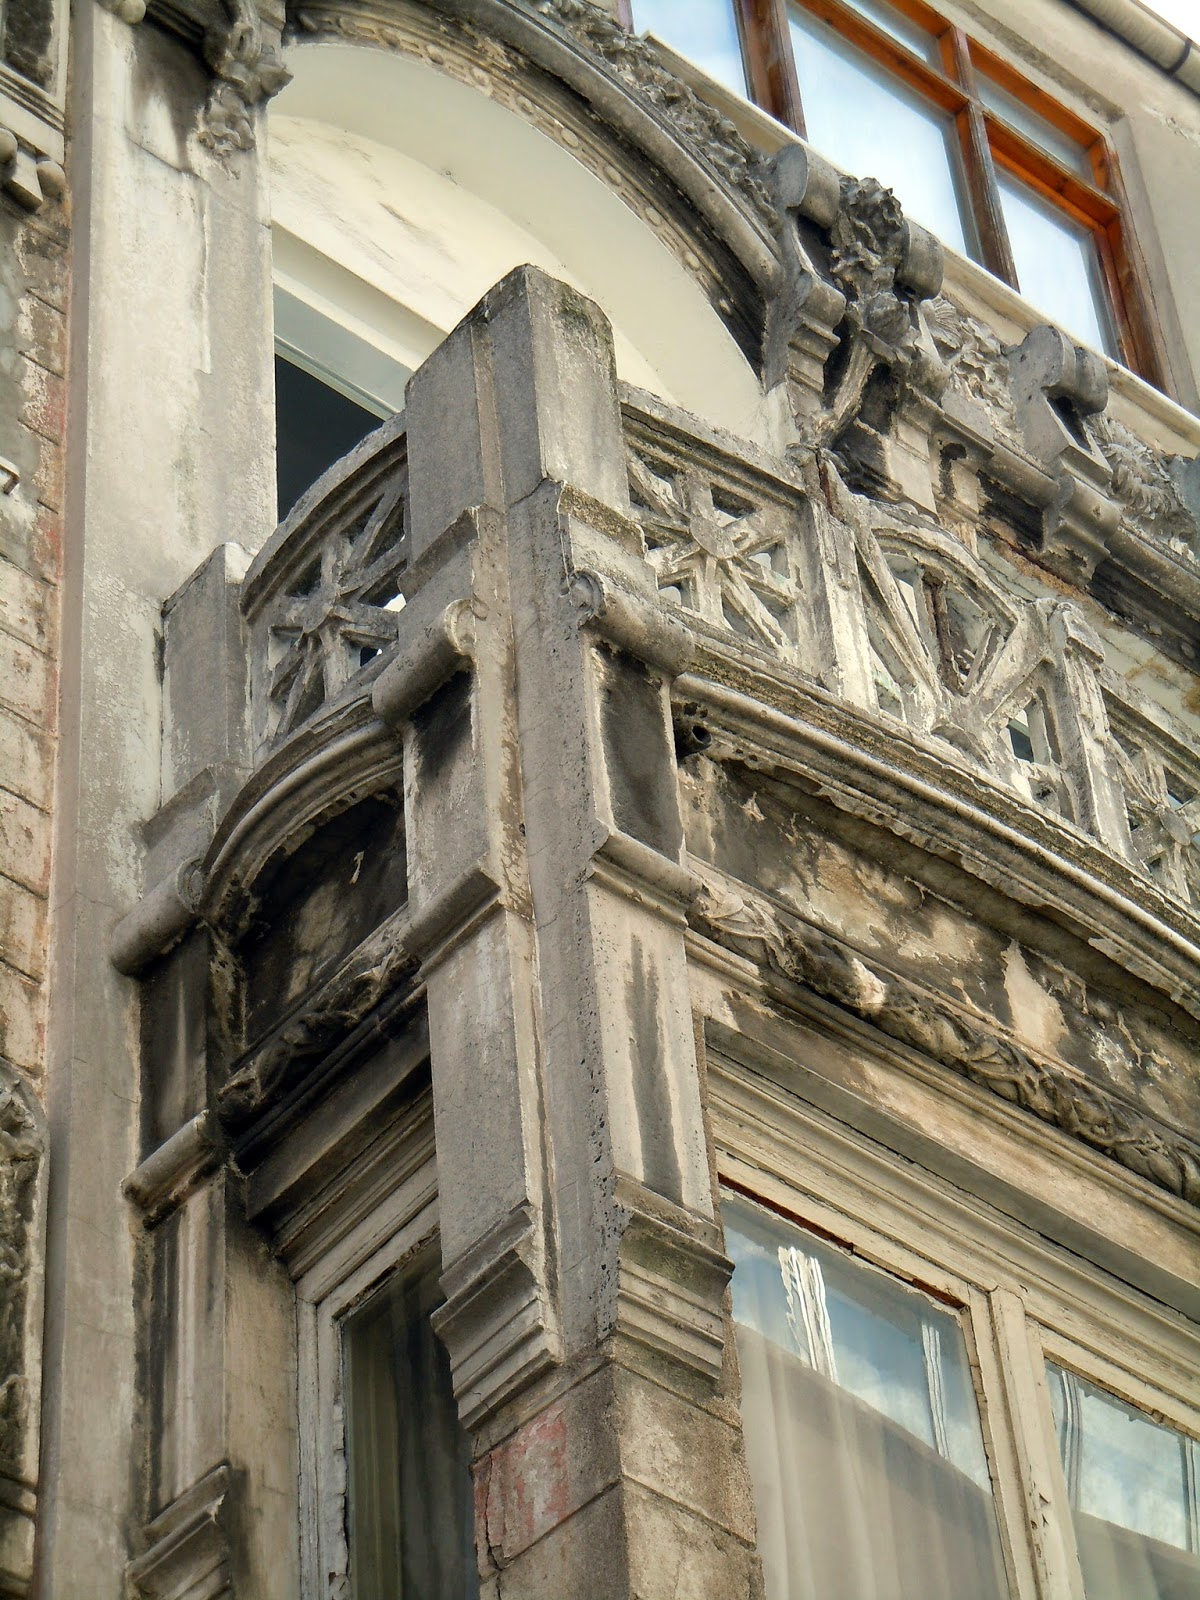 Etc un petit maison de l 39 art nouveau istanbul m h rdar - Maison de l art nouveau ...